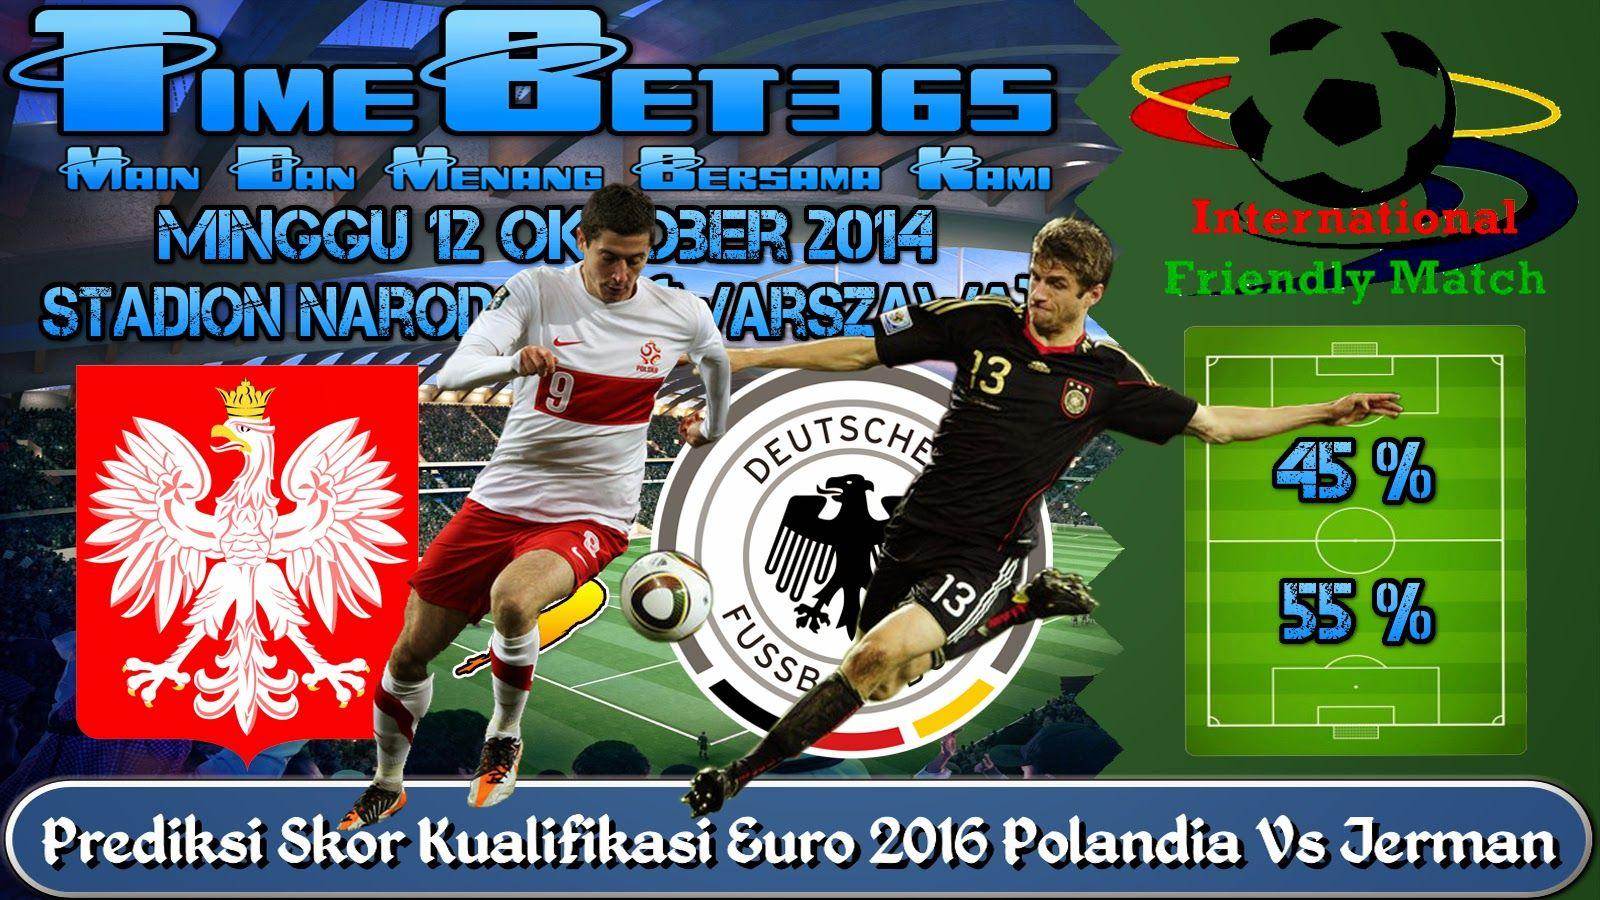 Prediksi Skor Kualifikasi Euro Polandia Vs Jerman